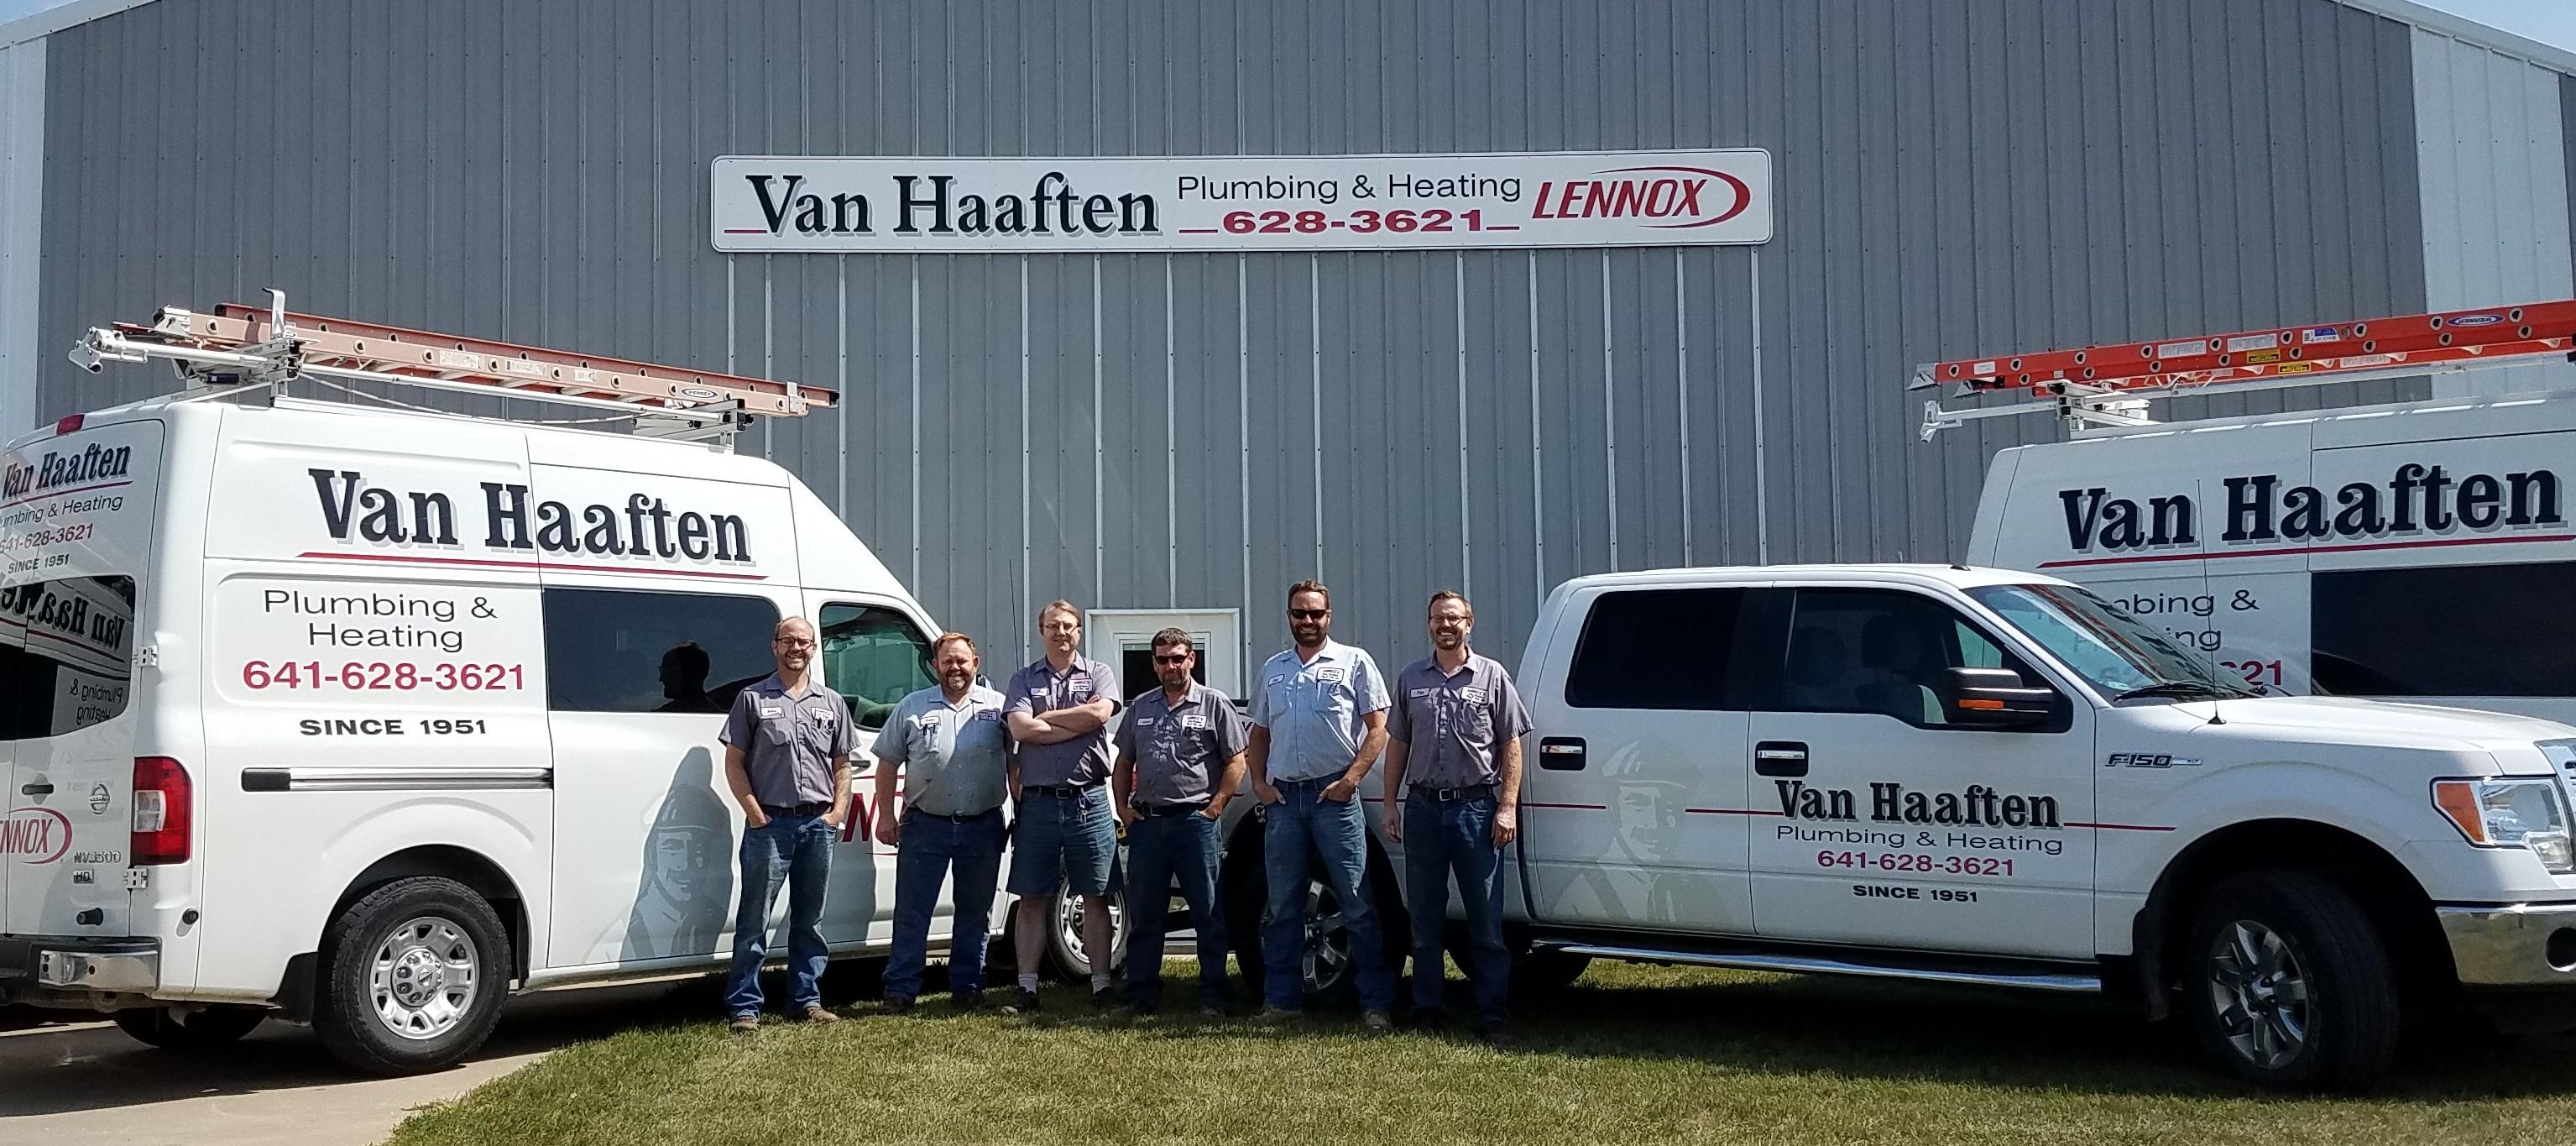 Van Haaften Plumbing & Heating Inc.